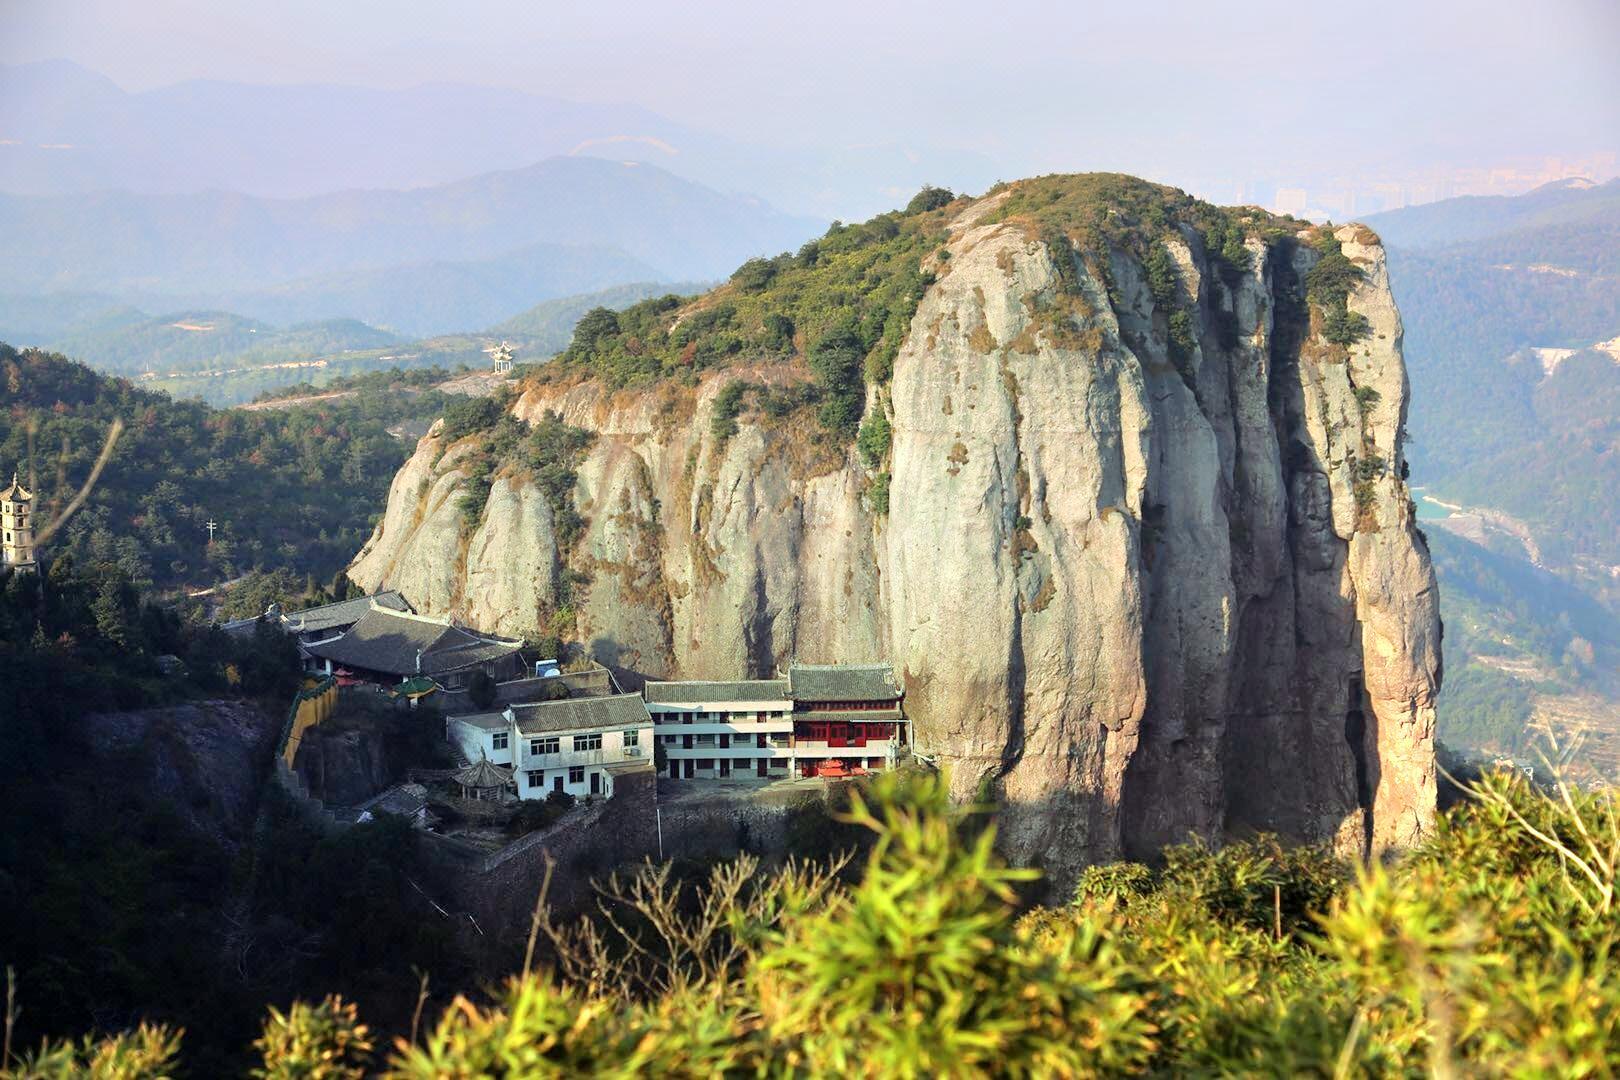 Fangshan Nansongyan Scenic Area